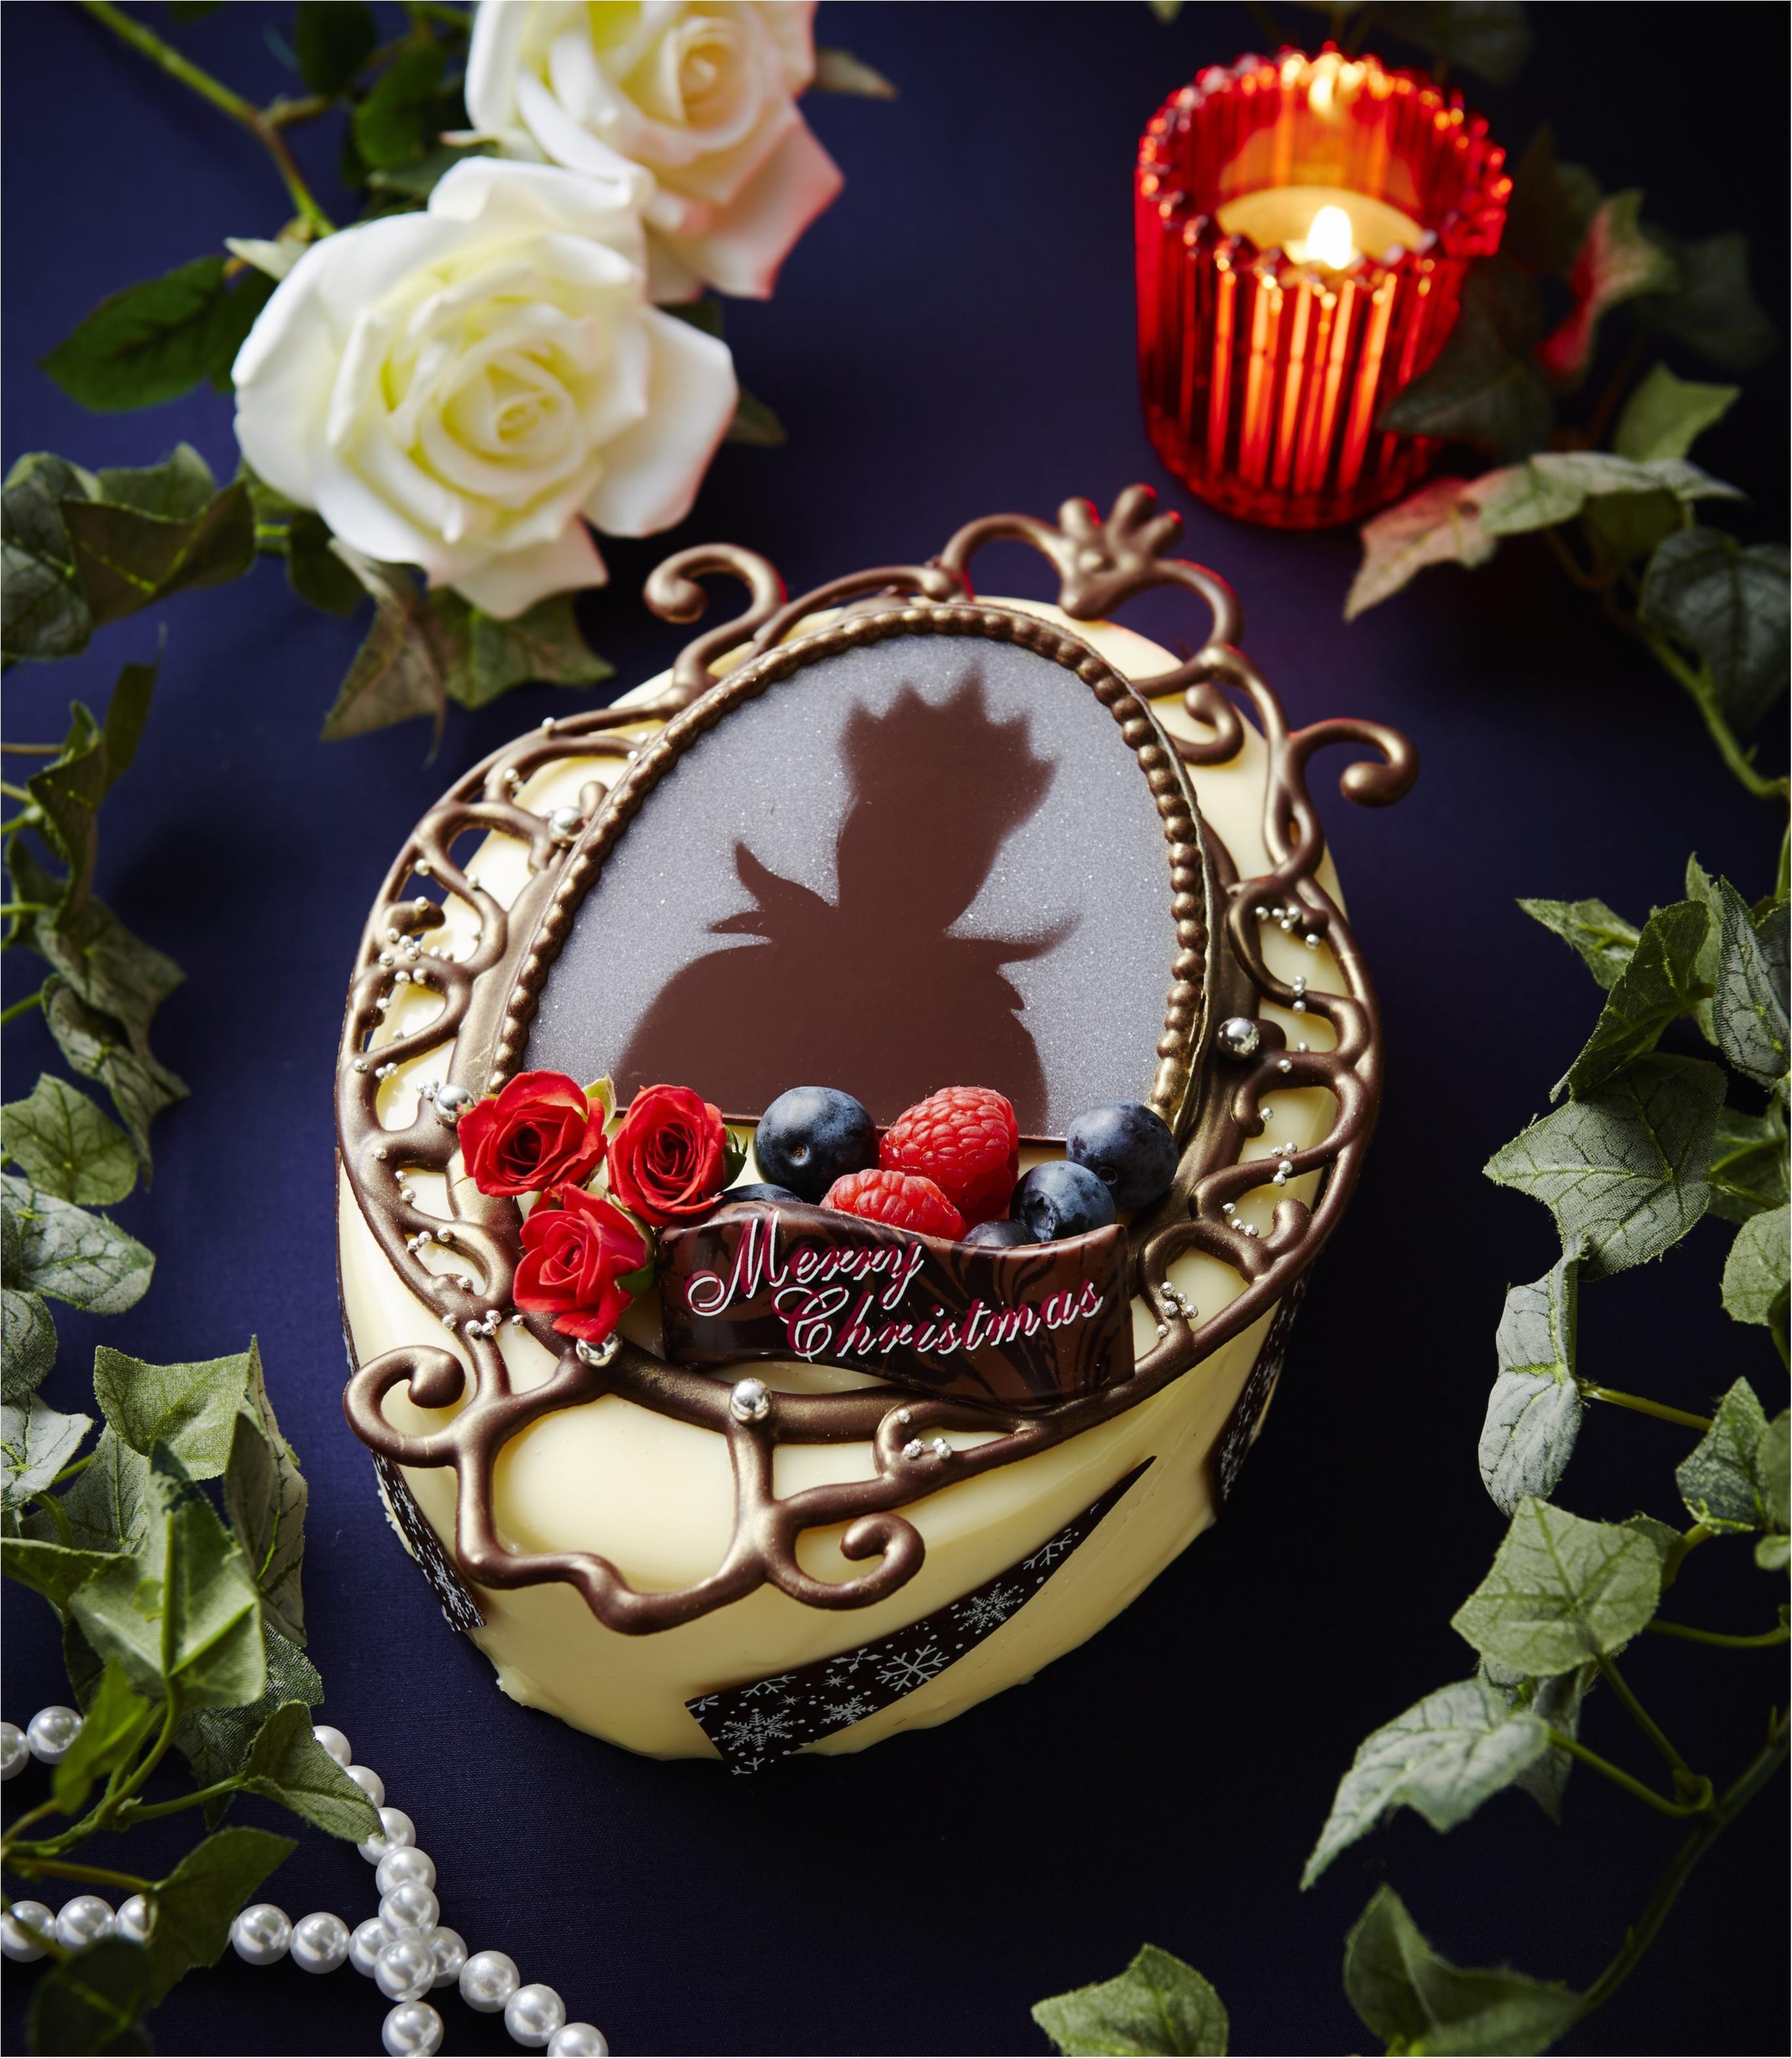 今年のテーマは白雪姫♡ 『京王プラザホテル』のロマンティックなクリスマスケーキ_1